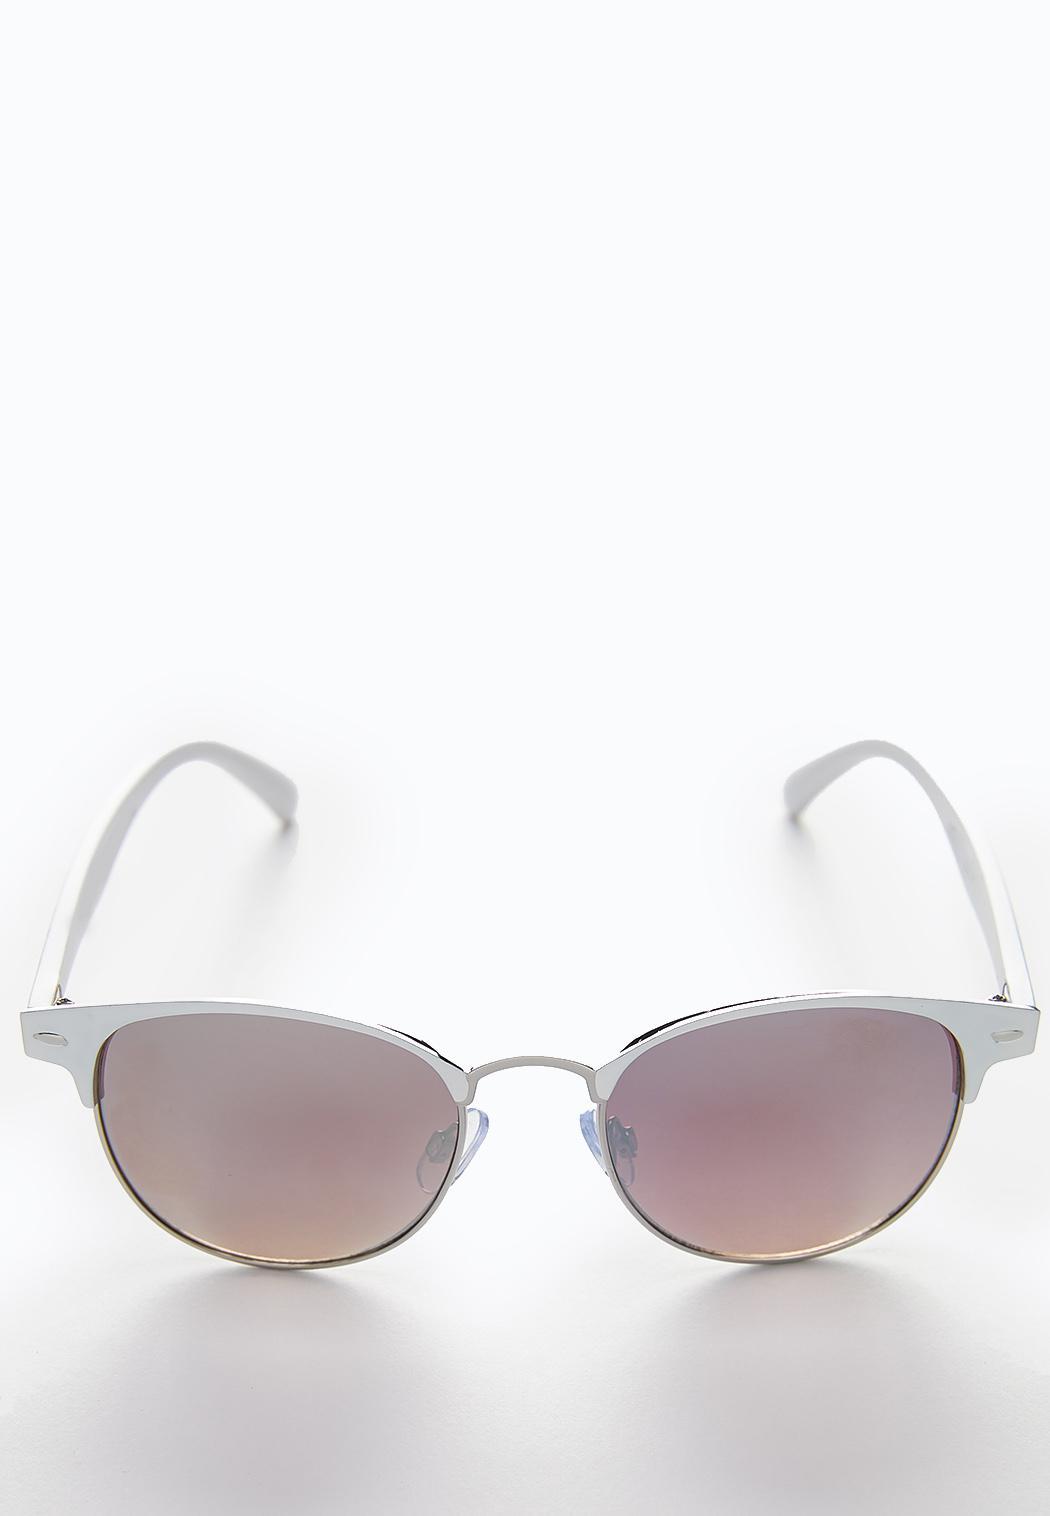 White Mirrored Sunglasses